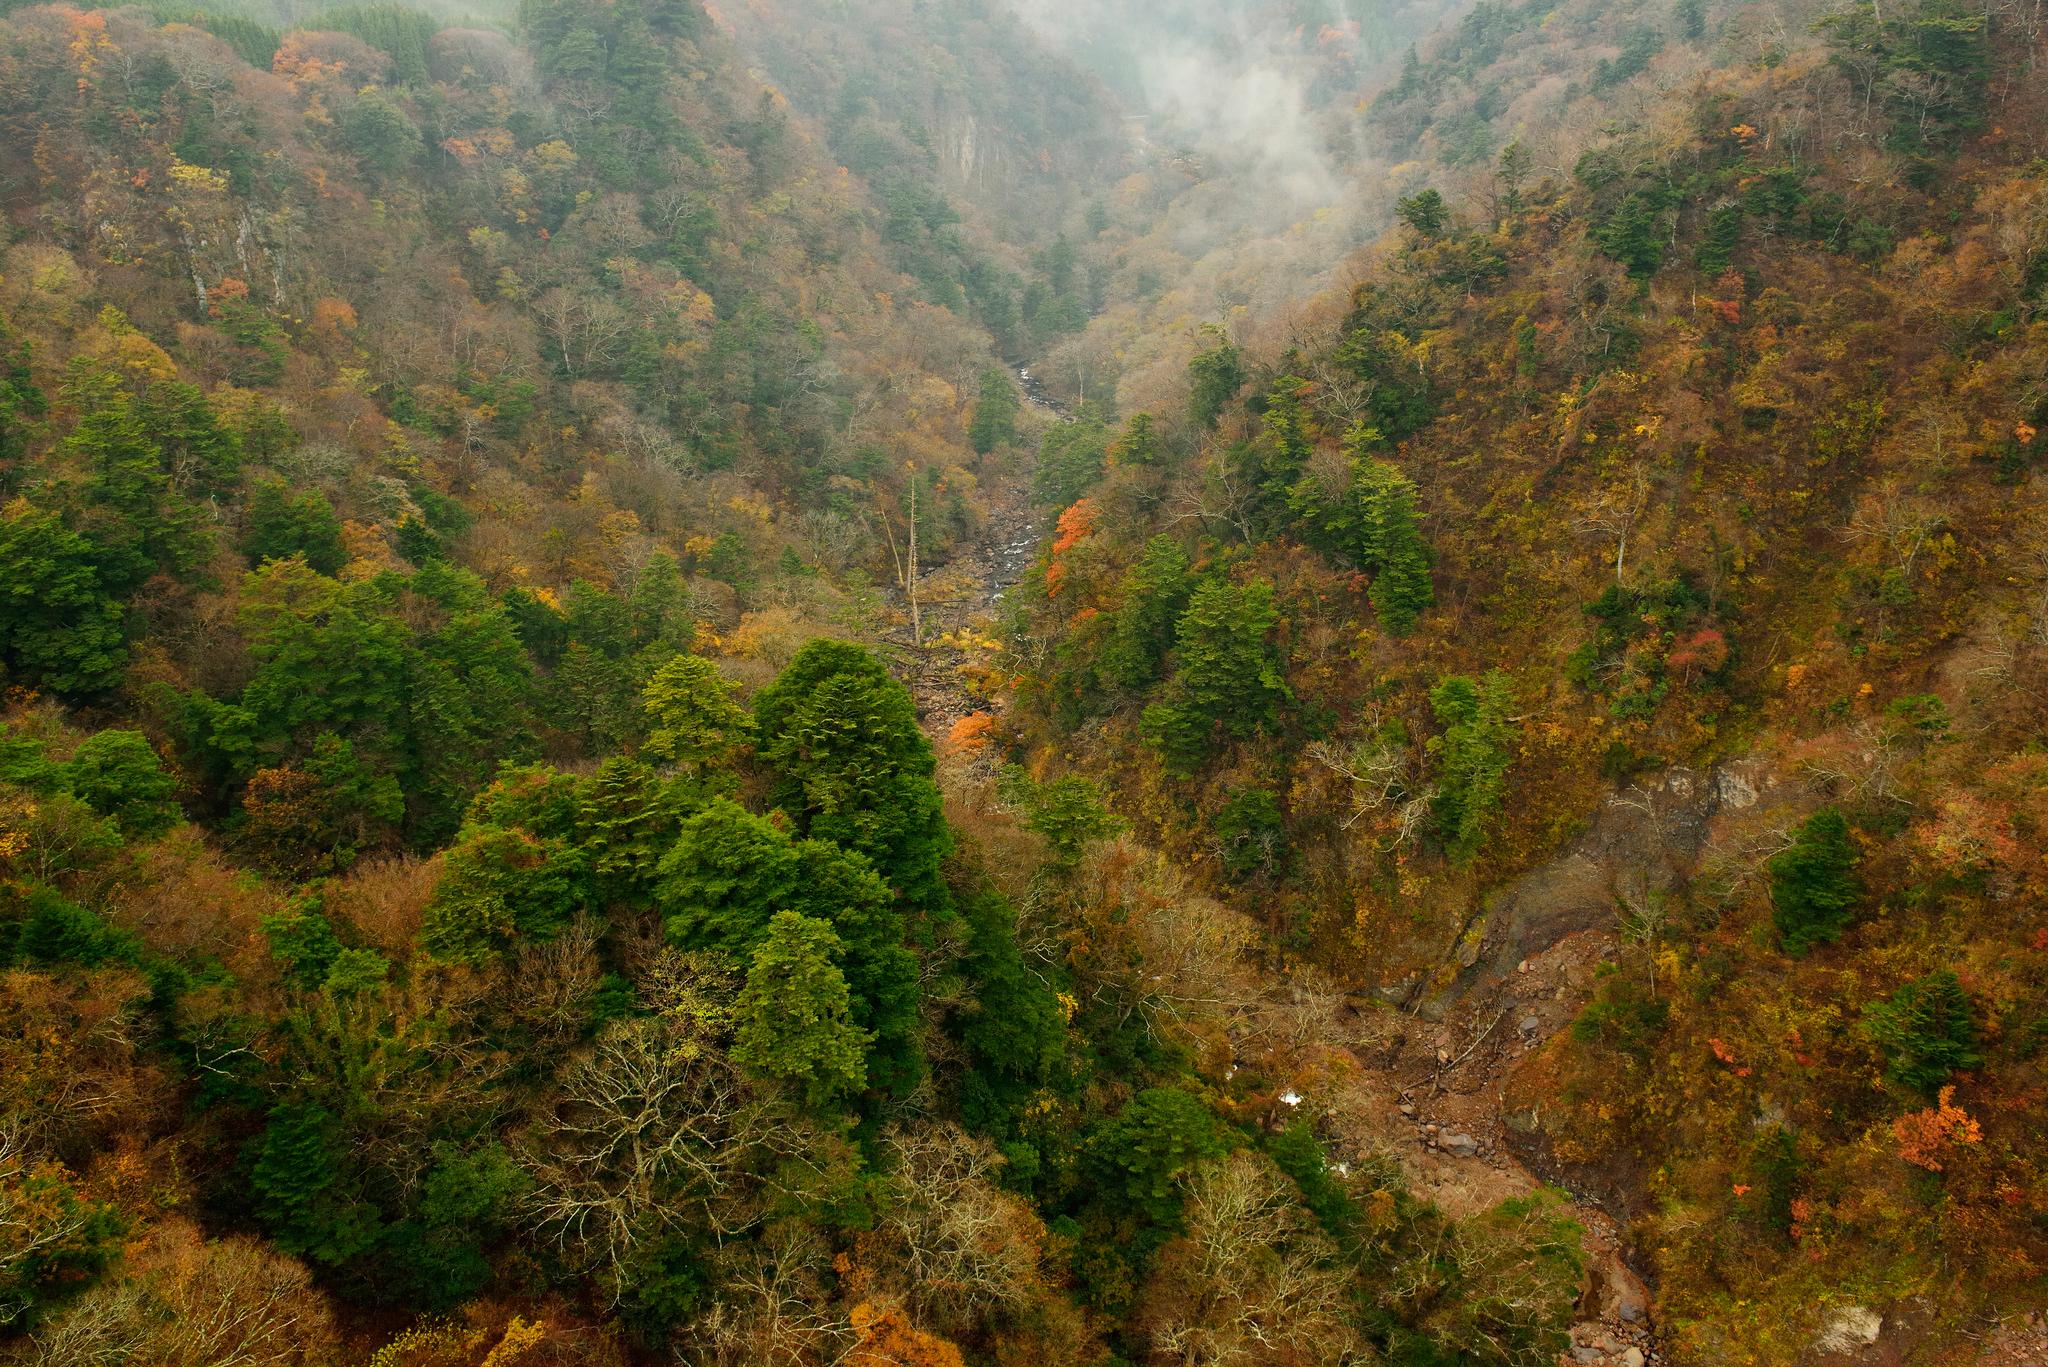 131366 Hintergrundbild 128x160 kostenlos auf deinem Handy, lade Bilder Natur, Bäume, Berg, Wald, Steigung 128x160 auf dein Handy herunter